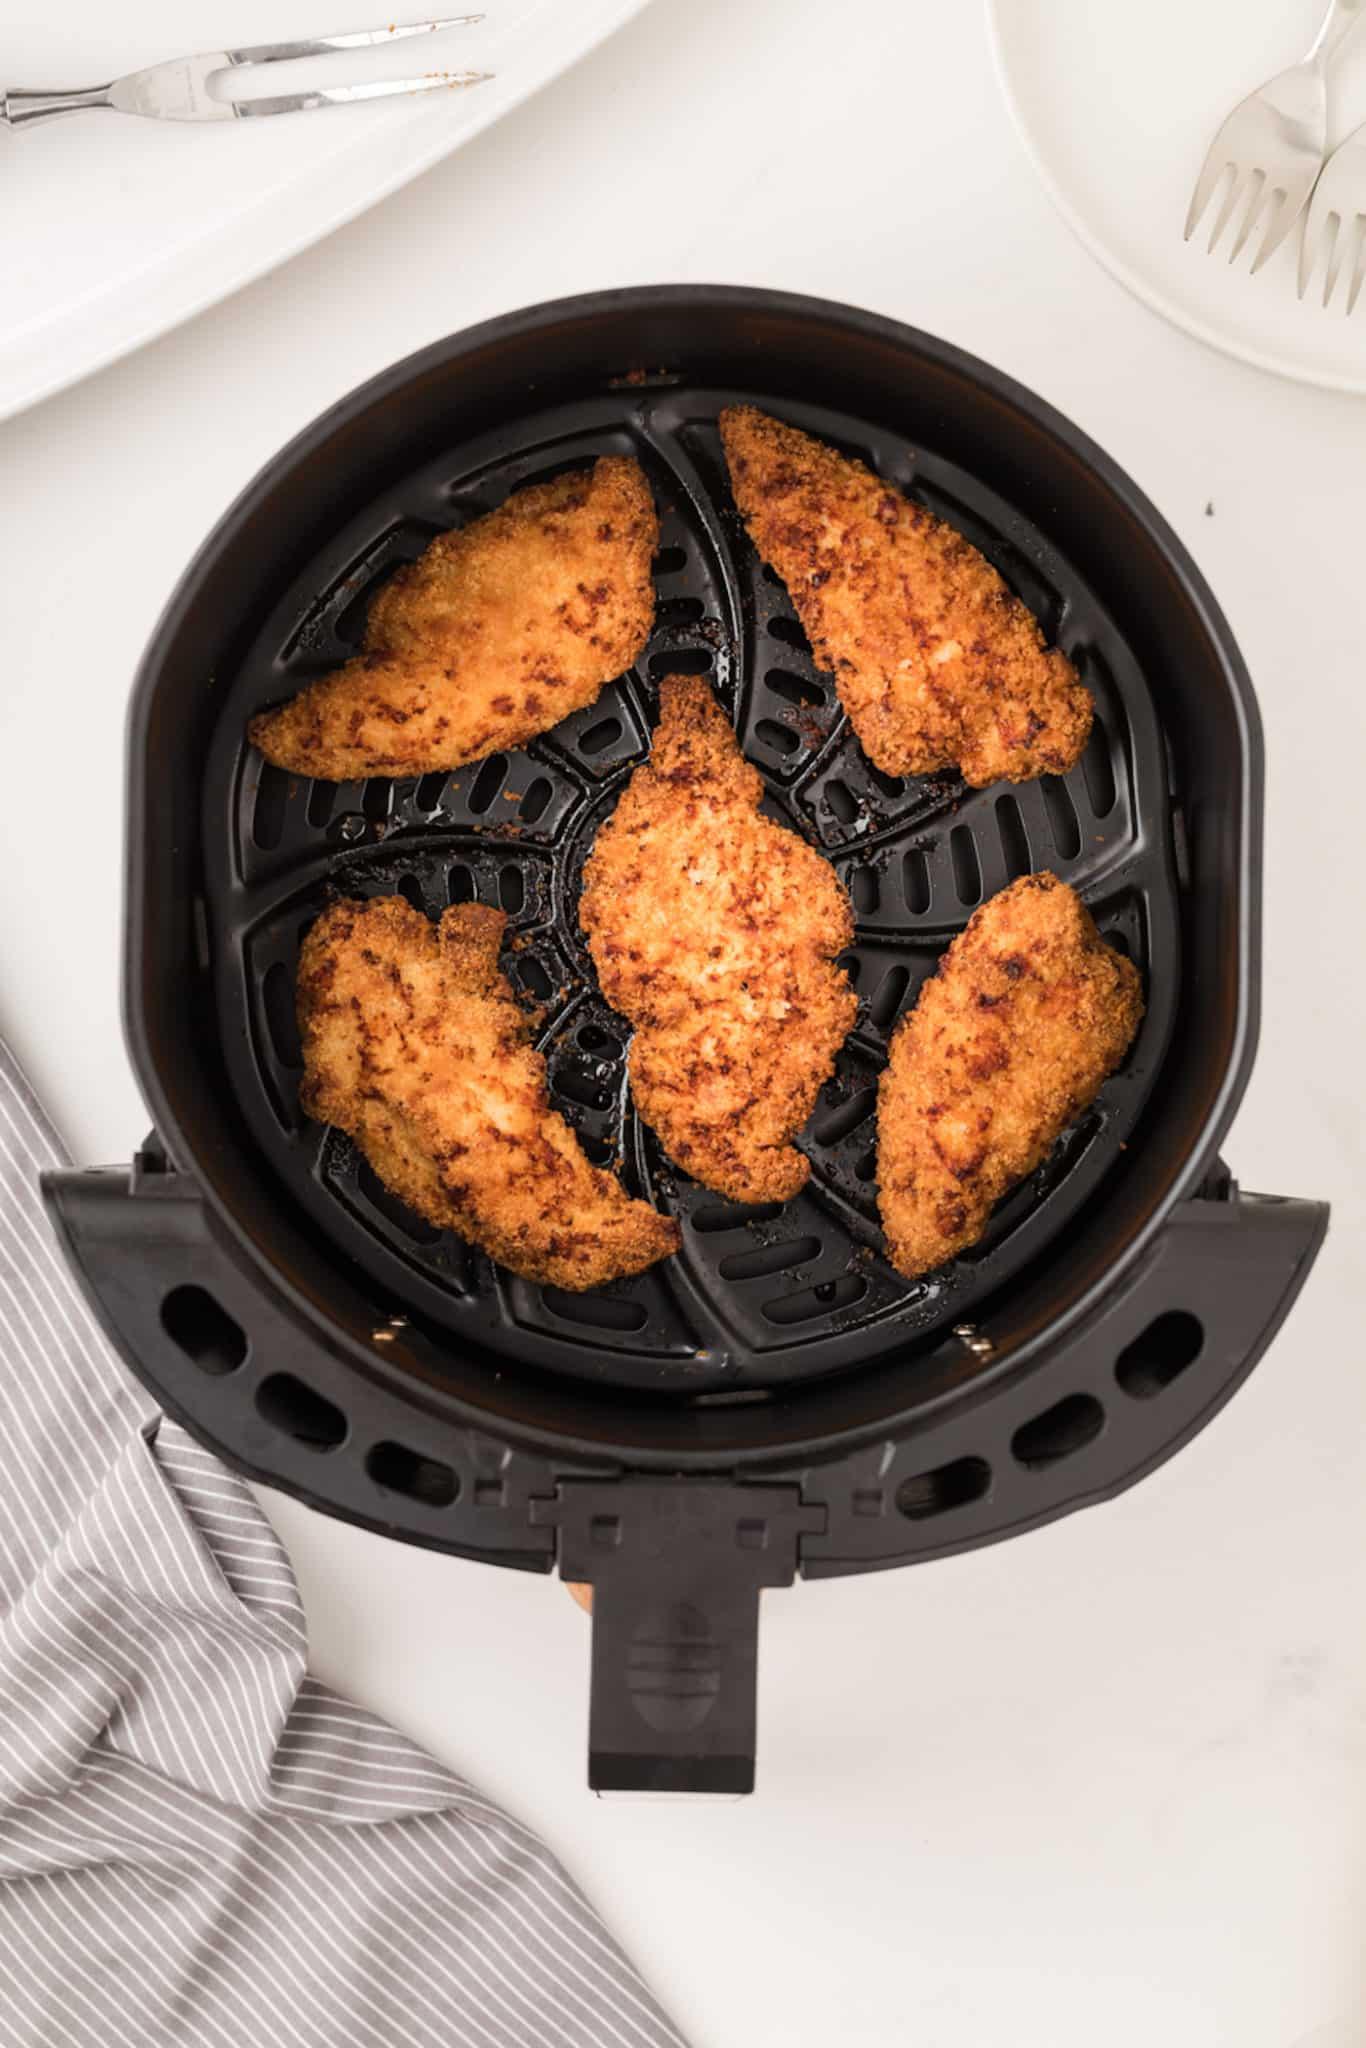 cooked breaded chicken tenders inside air fryer basket